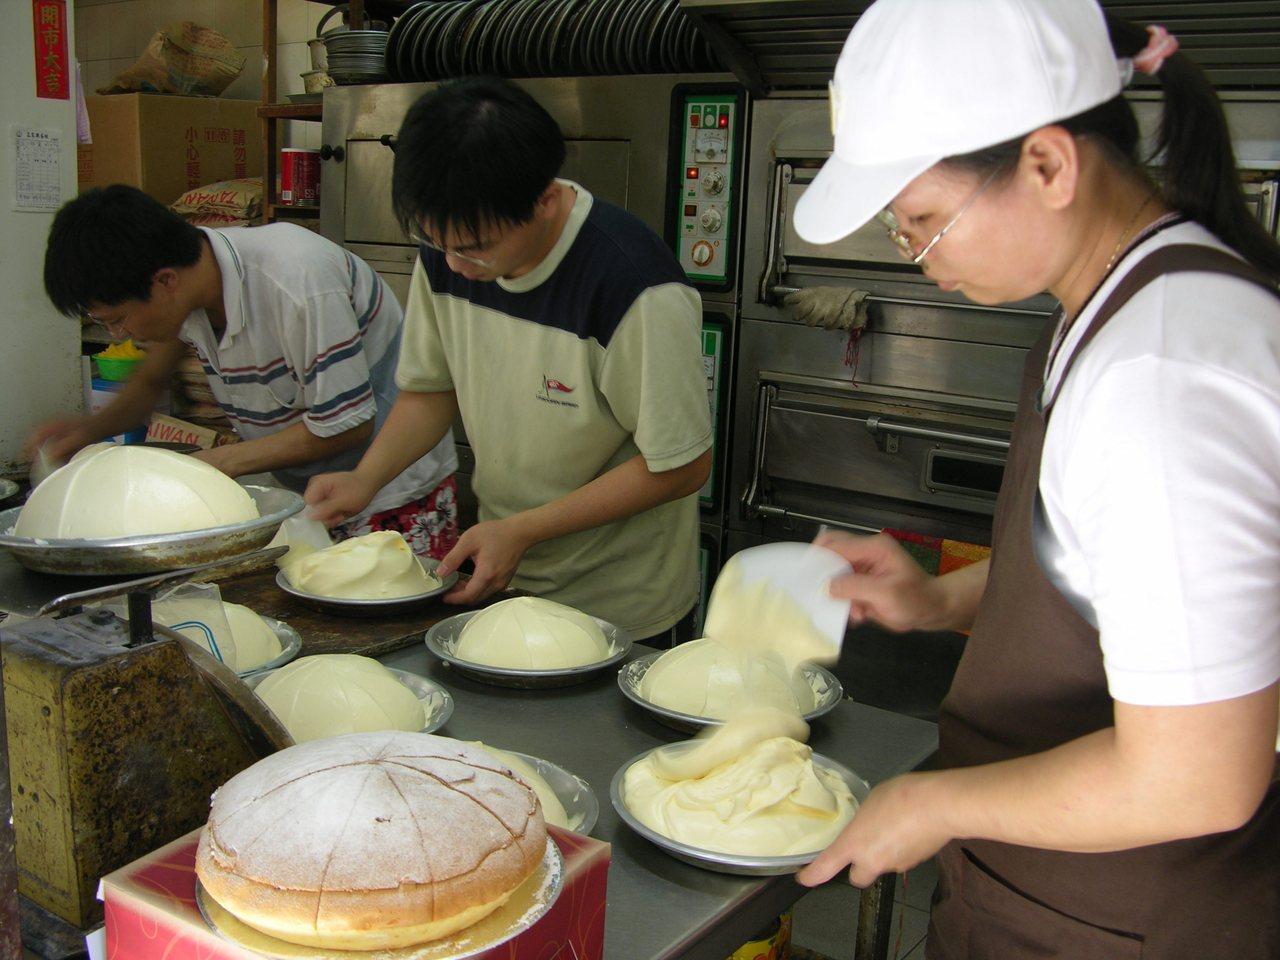 高雄市的正家興蛋糕當紅,訂單不斷,但一天只賣兩百個,消費者得等半個月才能取貨。 ...